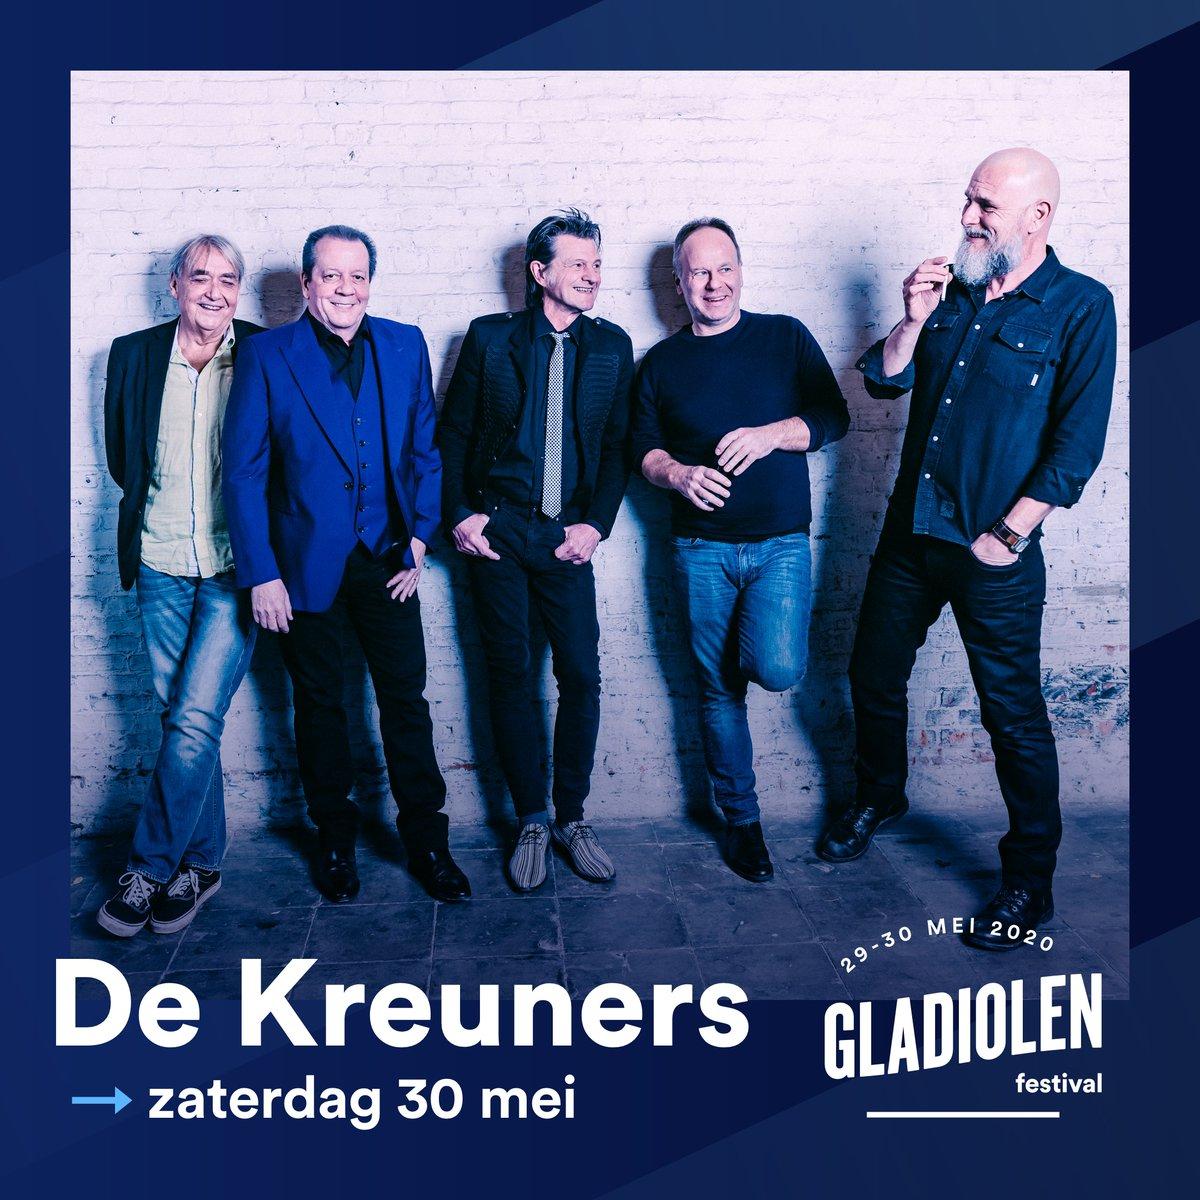 We hadden nog 1 verrassing voor Gladiolen 2020 beloofd, die we hier met veel plezier uit onze hoge hoed toveren: De Kreuners!   https://t.co/3kFVmQ6XkP https://t.co/ffkPbNpf9U